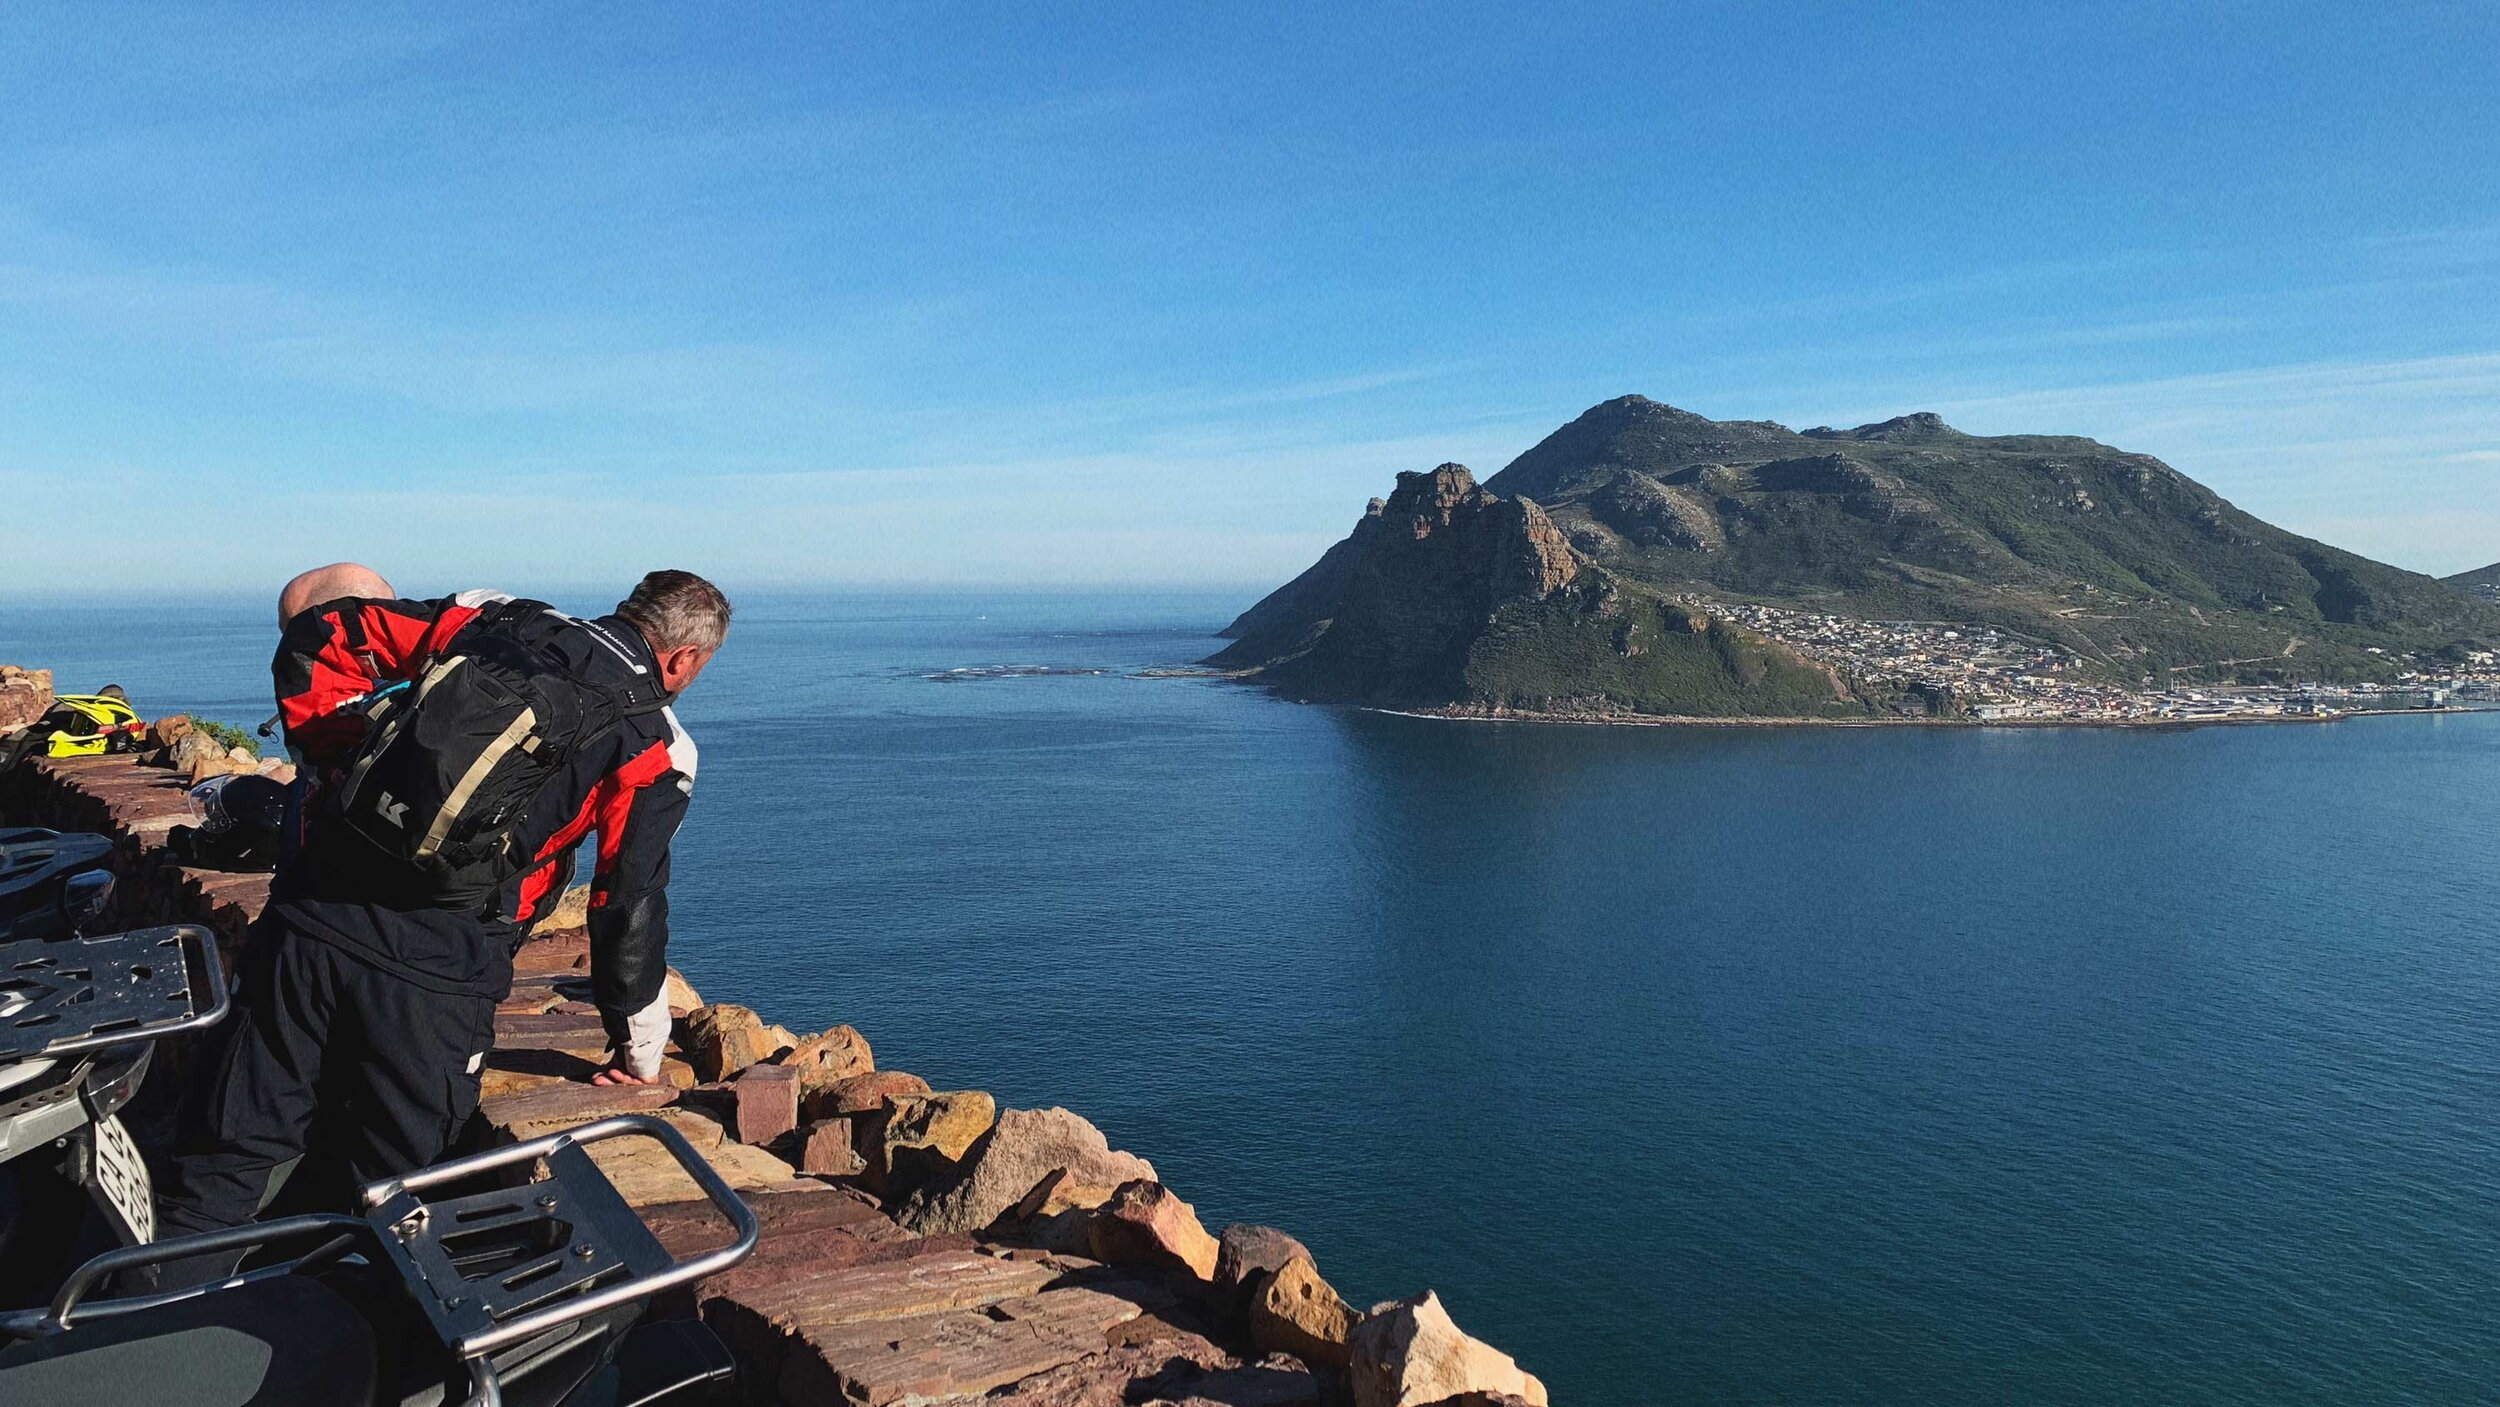 65_Giepert_South_Africa.jpg